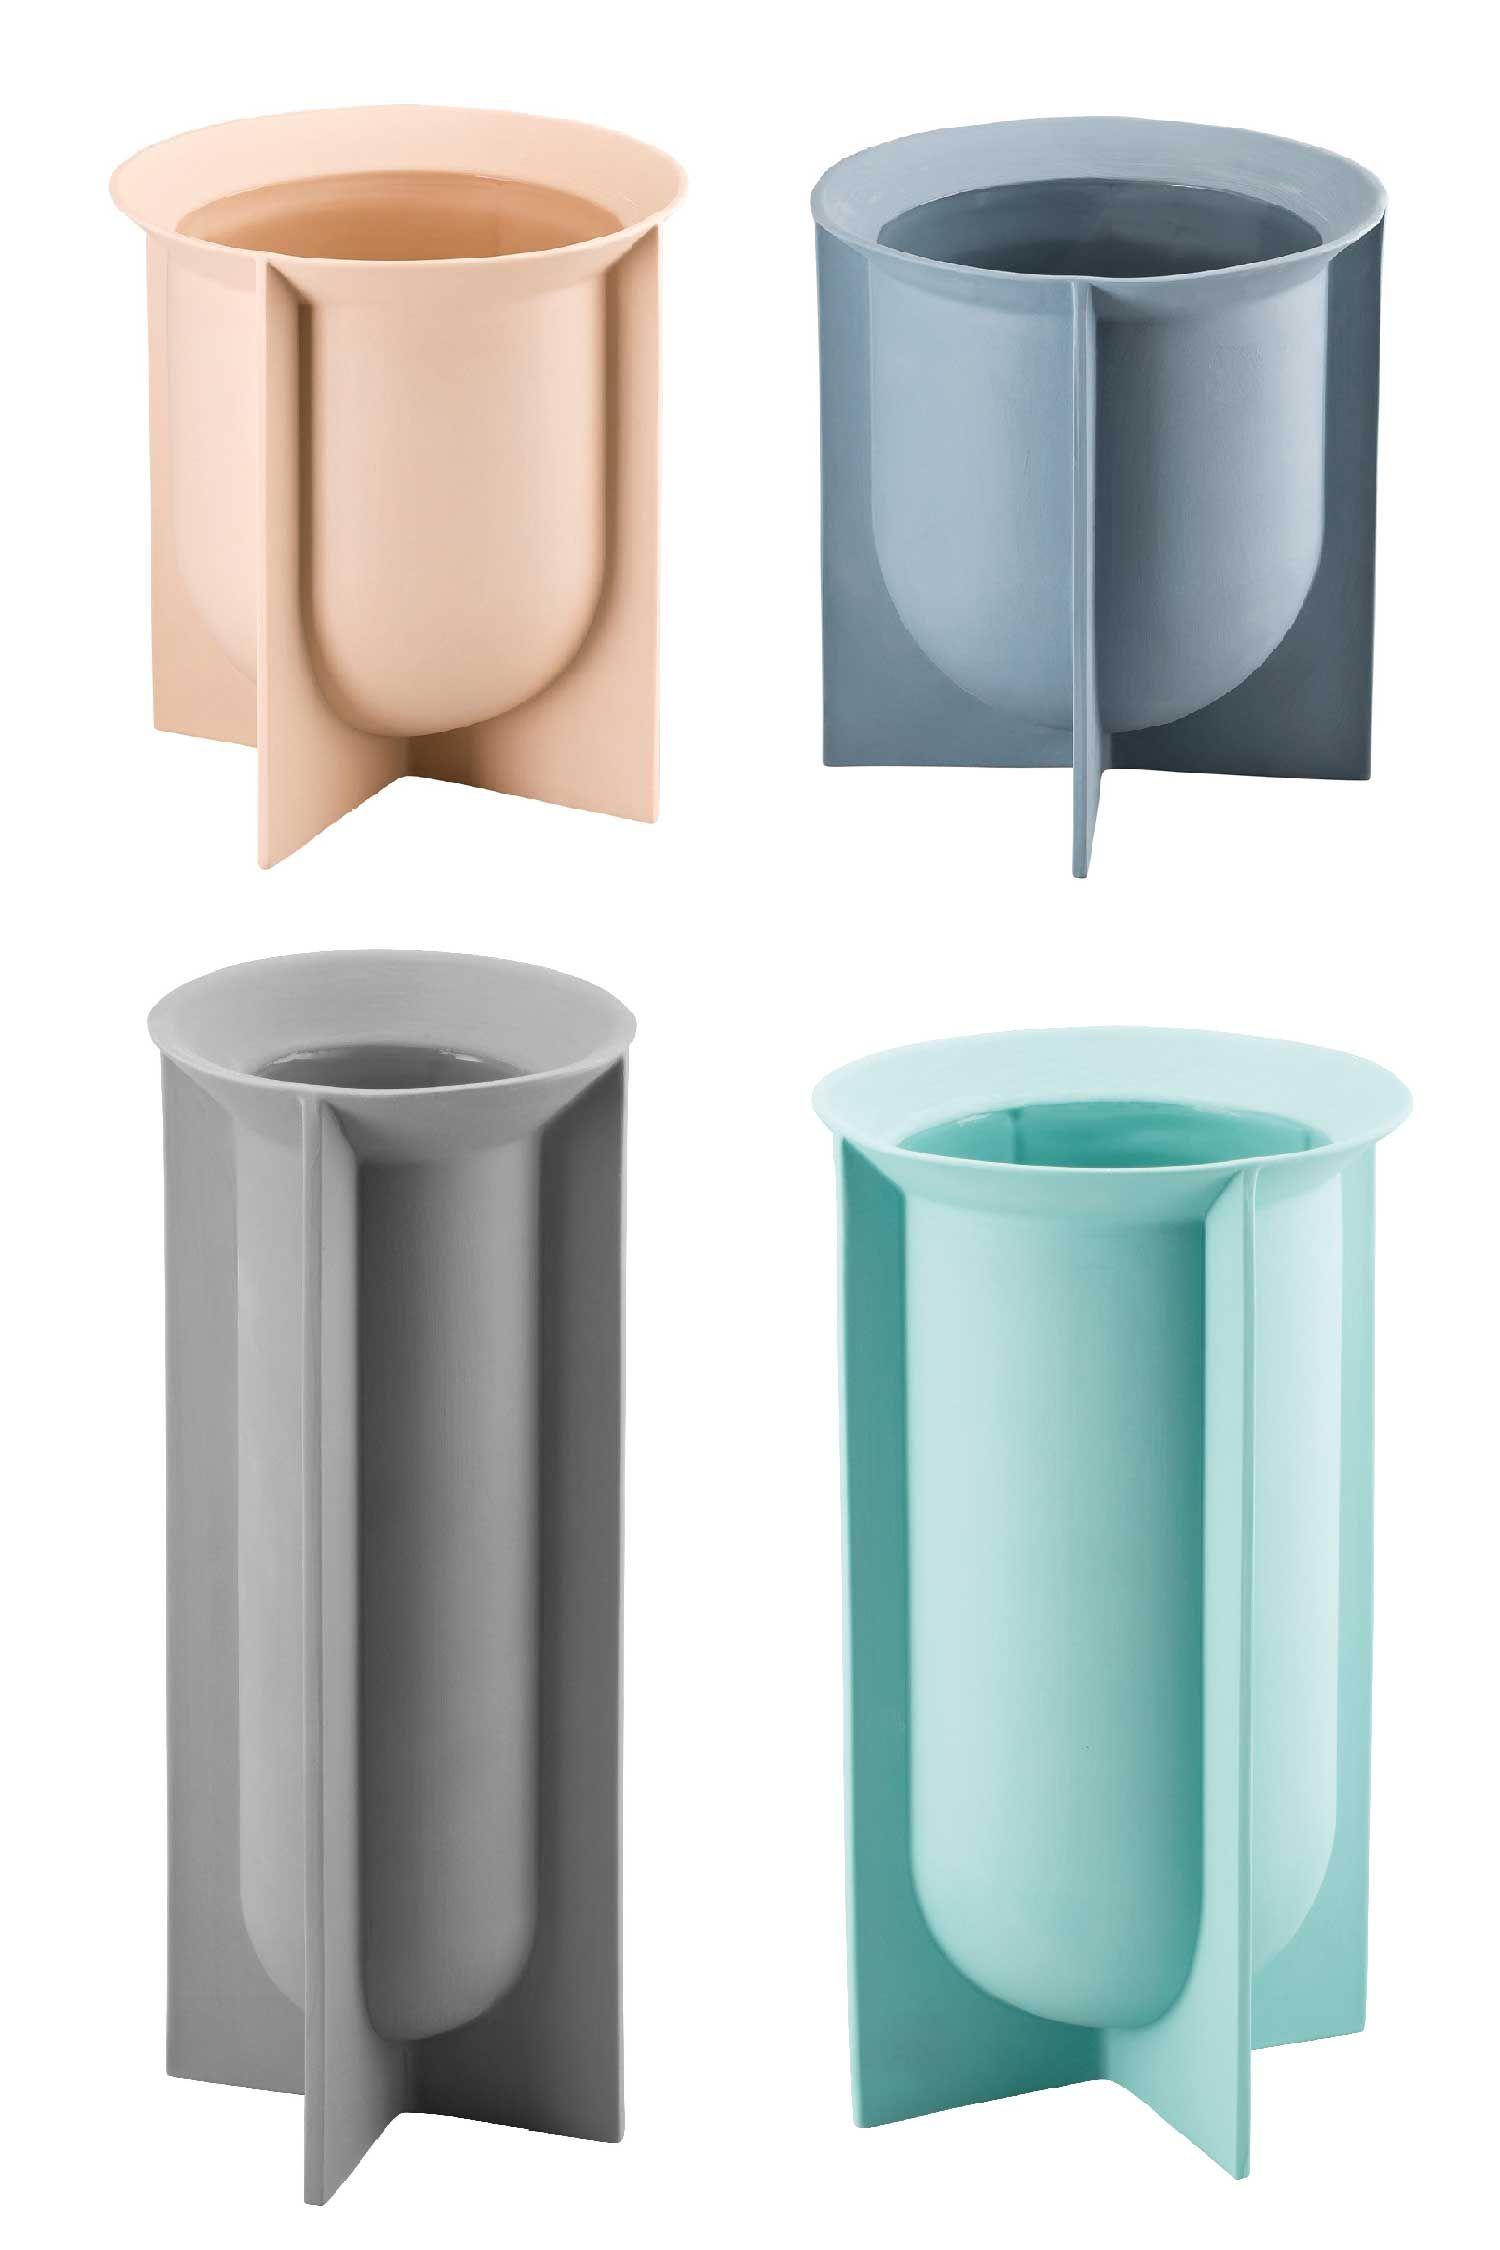 Sebastian-Herkner-Domo-Vase-for-Rosenthal-Yellowtrace.jpg (1500×2250 ...